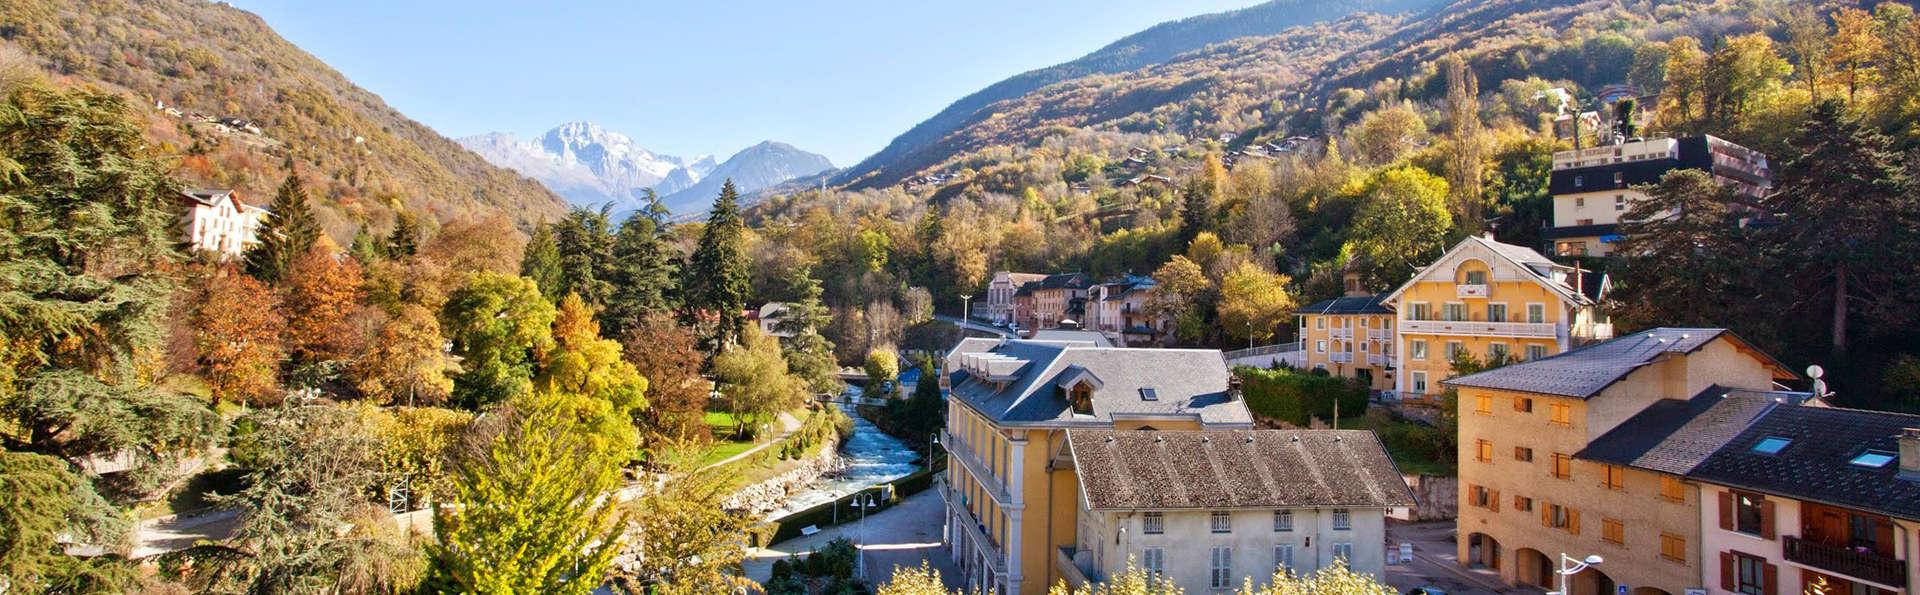 Mercure Brides-les Bains Grand Hôtel des Thermes - edit_destination.jpg